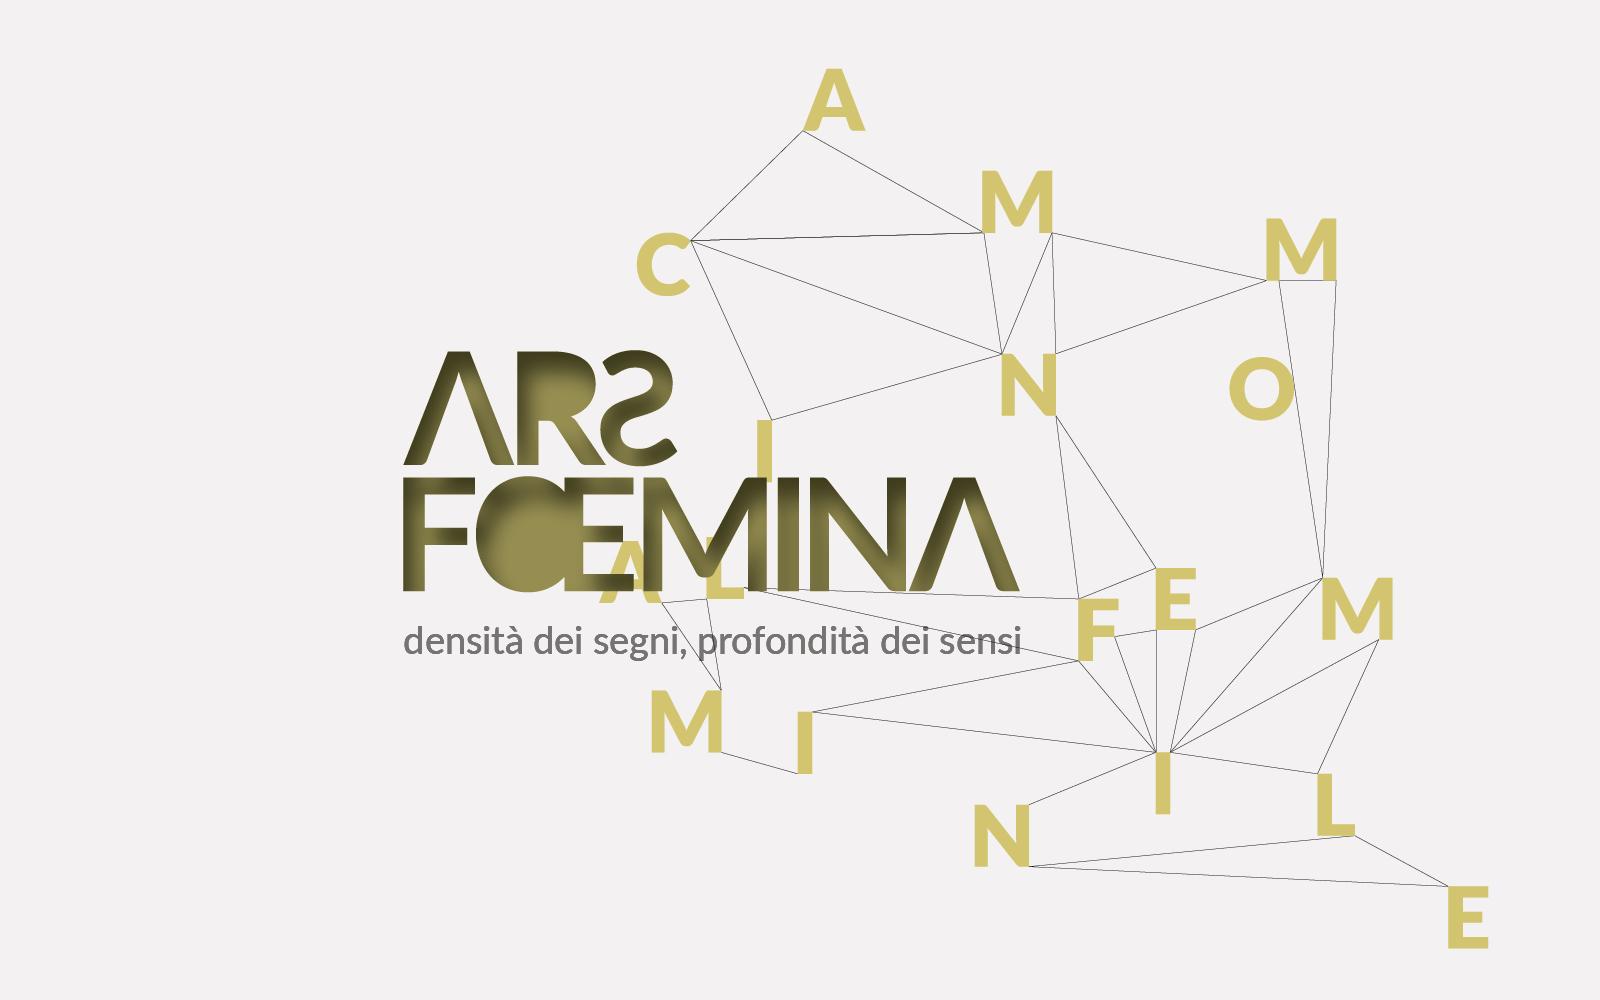 logo progettato dallo studio di grafica pubblicitaria Diade Studio per la manifestazione di arte Ars Foemina